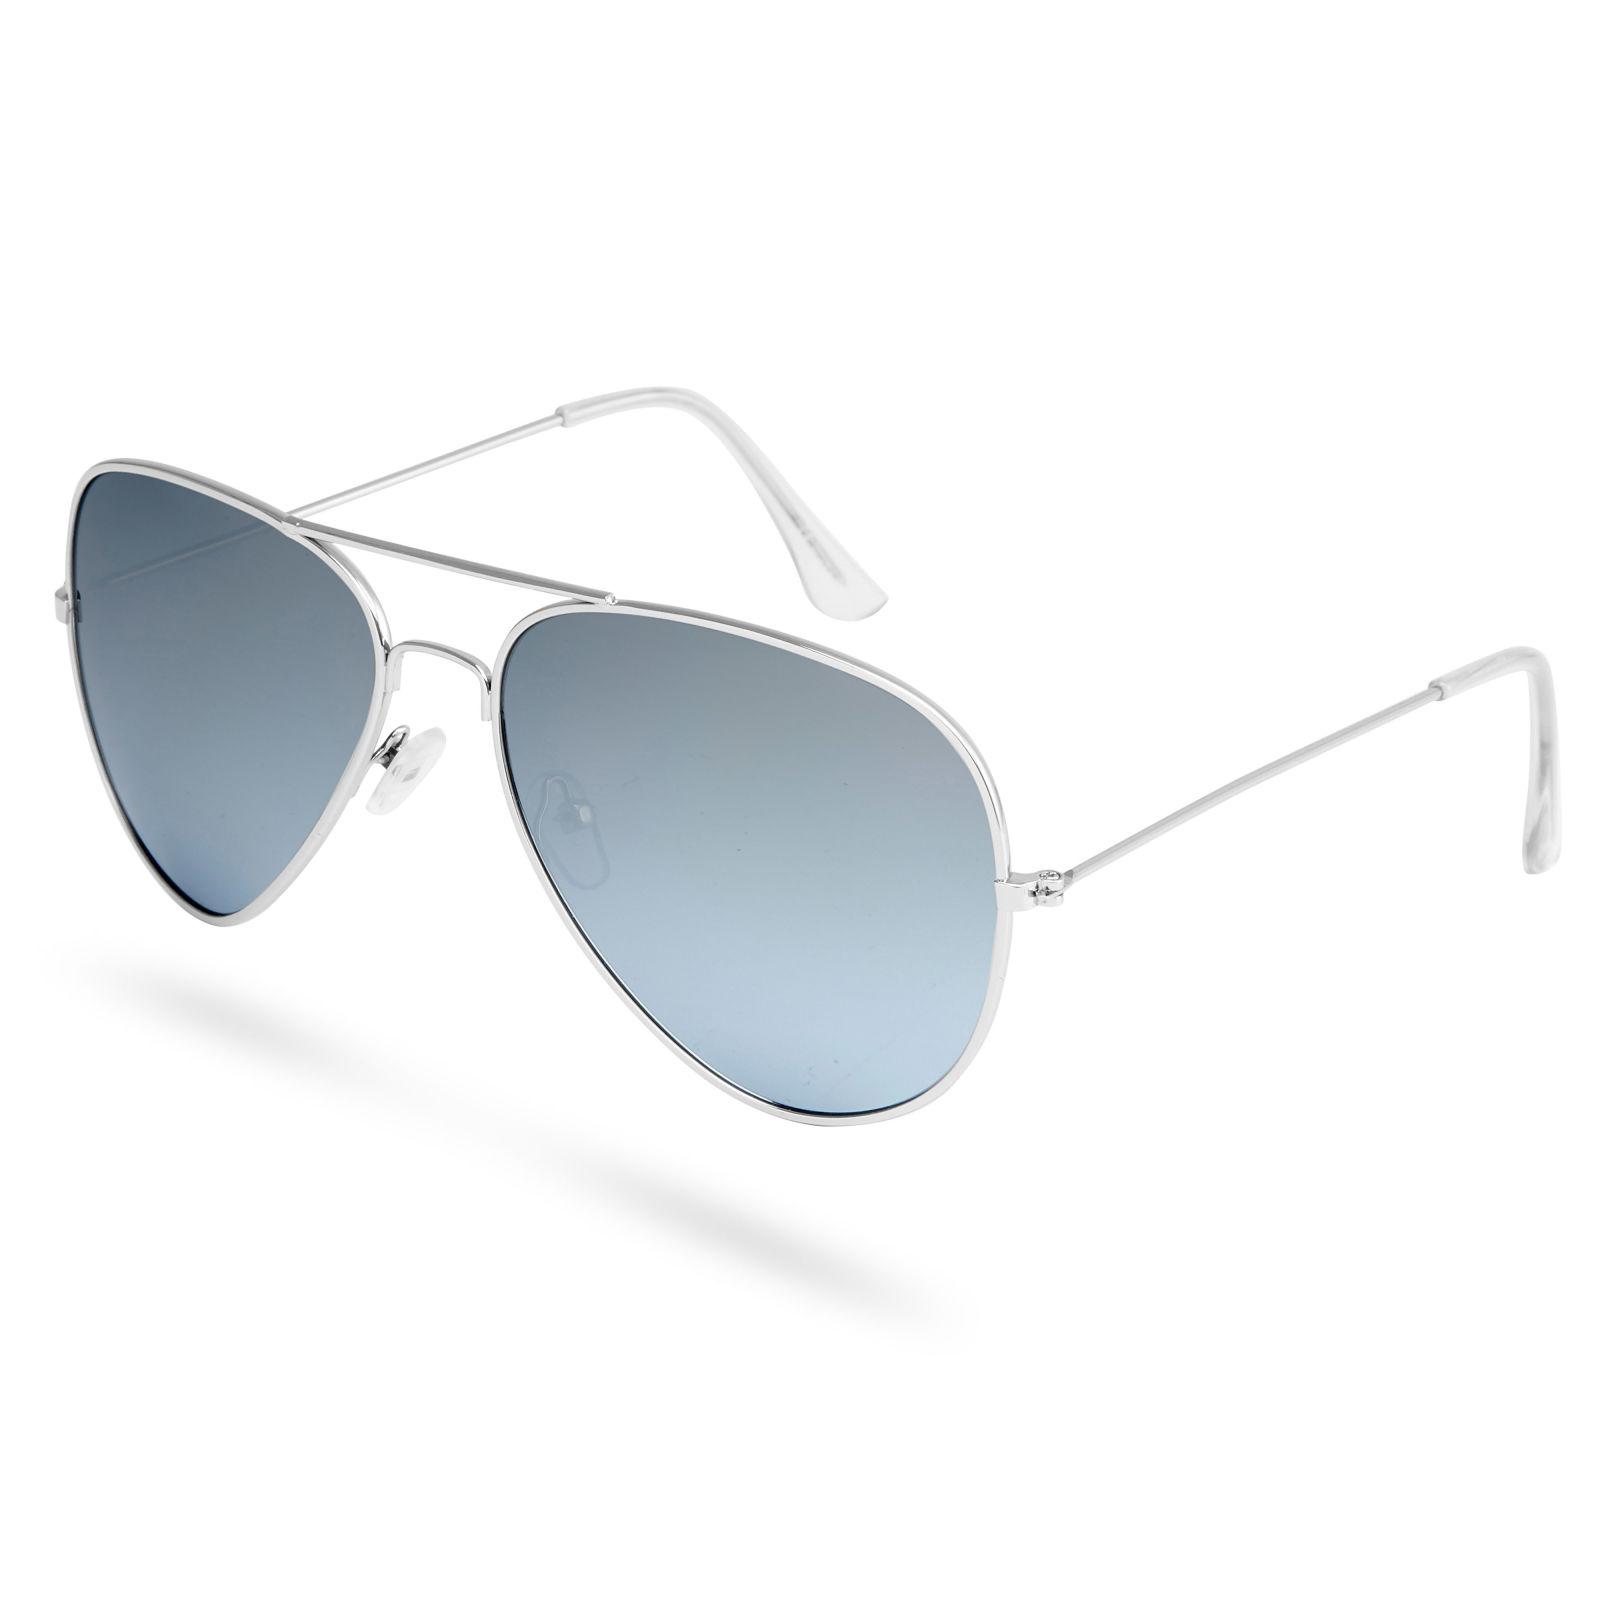 Paul Riley Aviator strieborné zrkadlové polarizačné okuliare - Glami.sk c5a537e404b